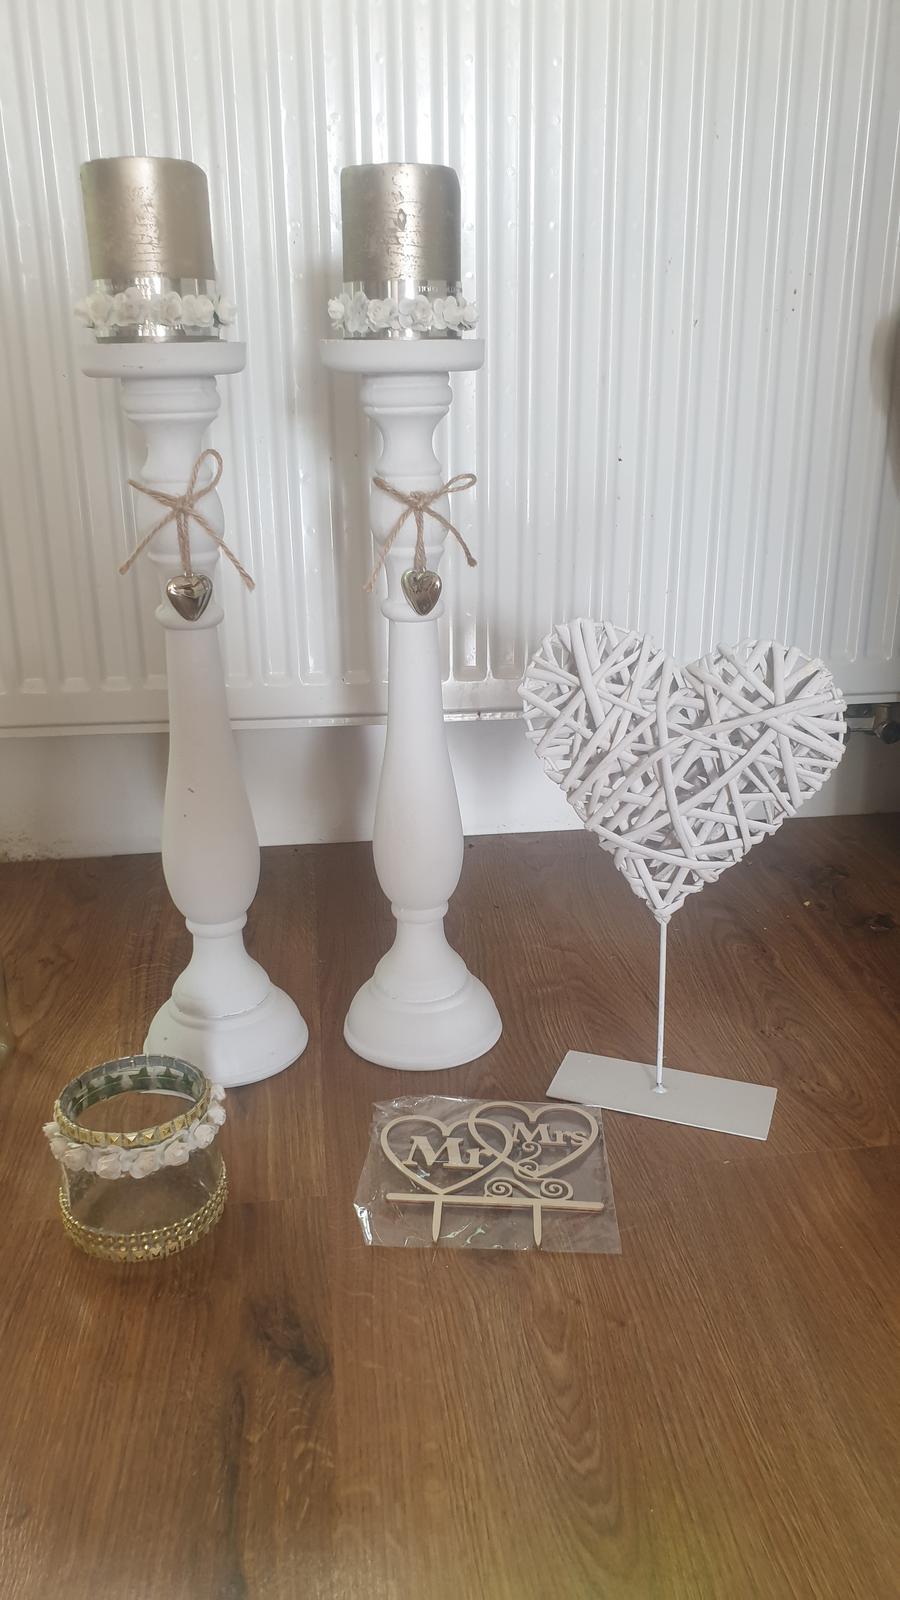 Rôzne dekorácie 2 - Obrázok č. 1